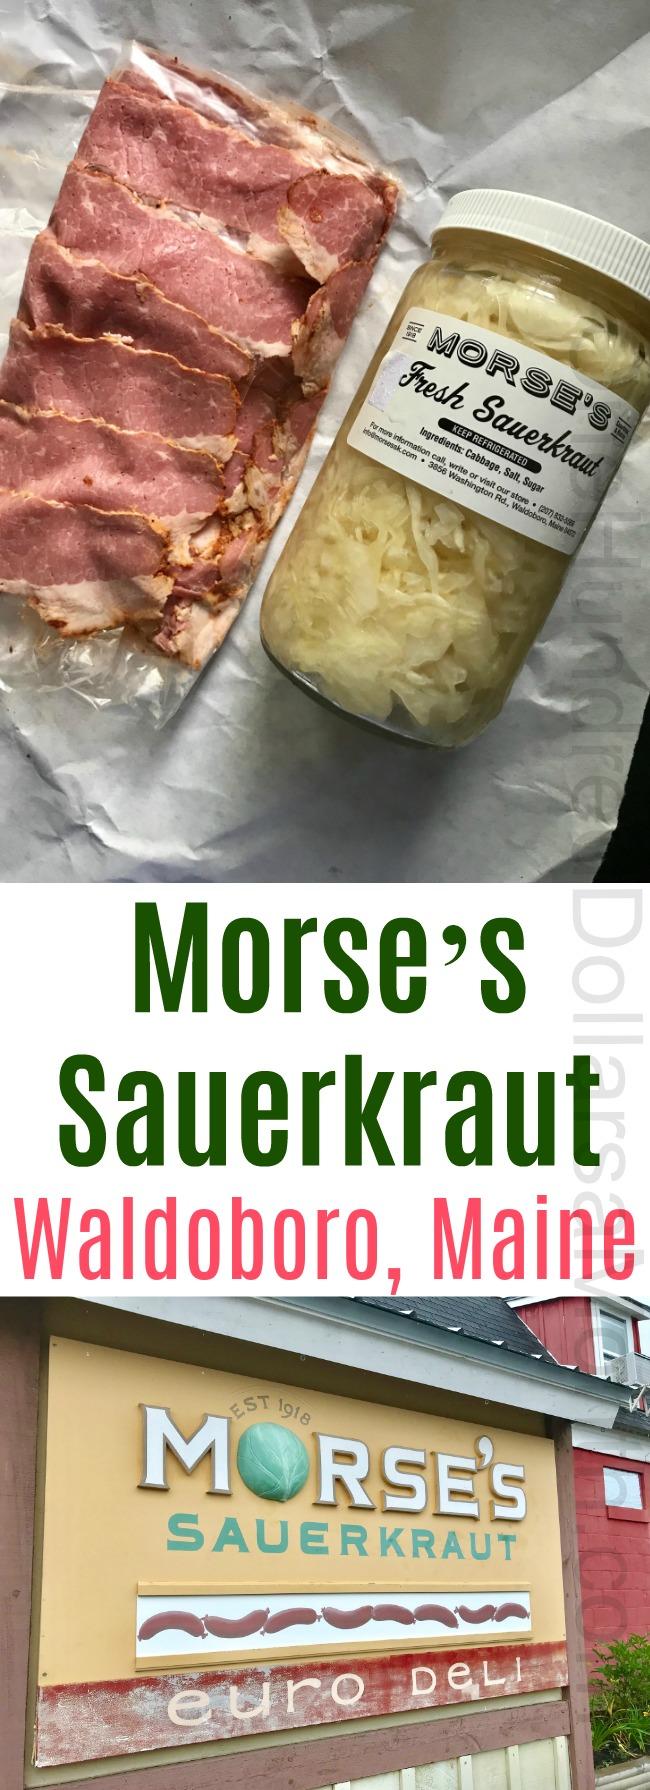 Morse's Sauerkraut in Waldoboro, Maine